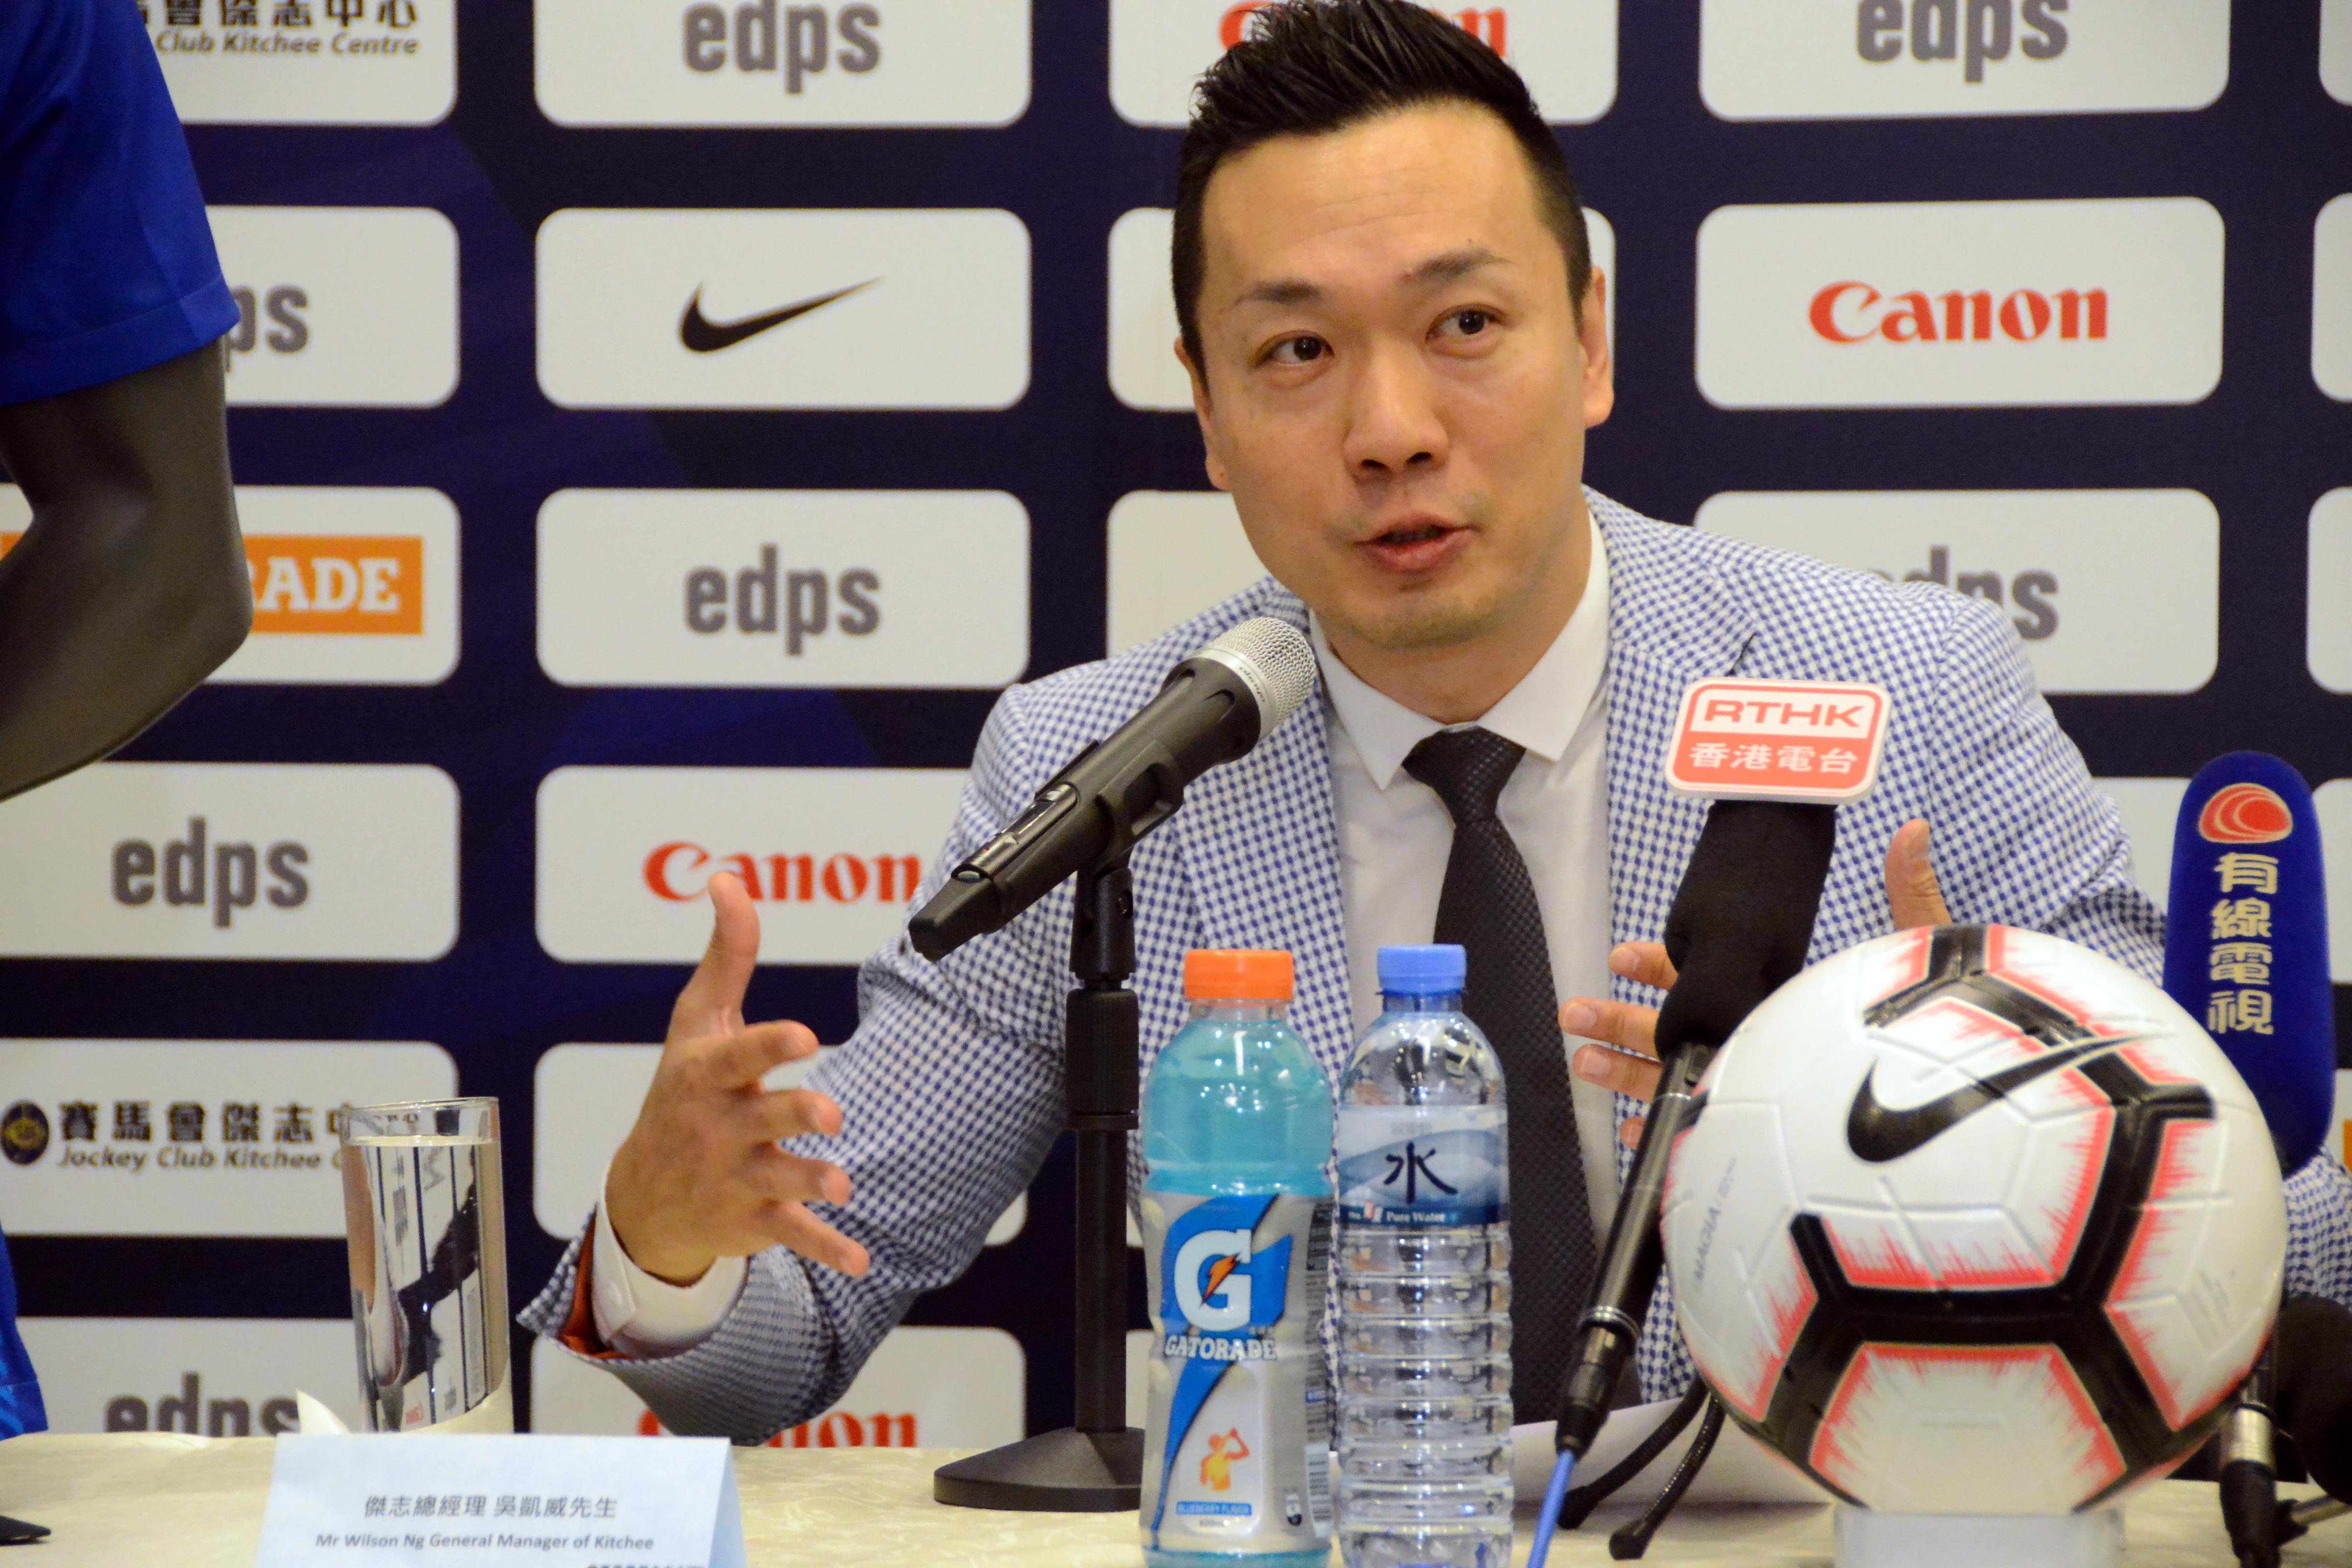 杰志总经理吴凯威指蓝月曾派人视察场地并感到满意。 冯梓健摄